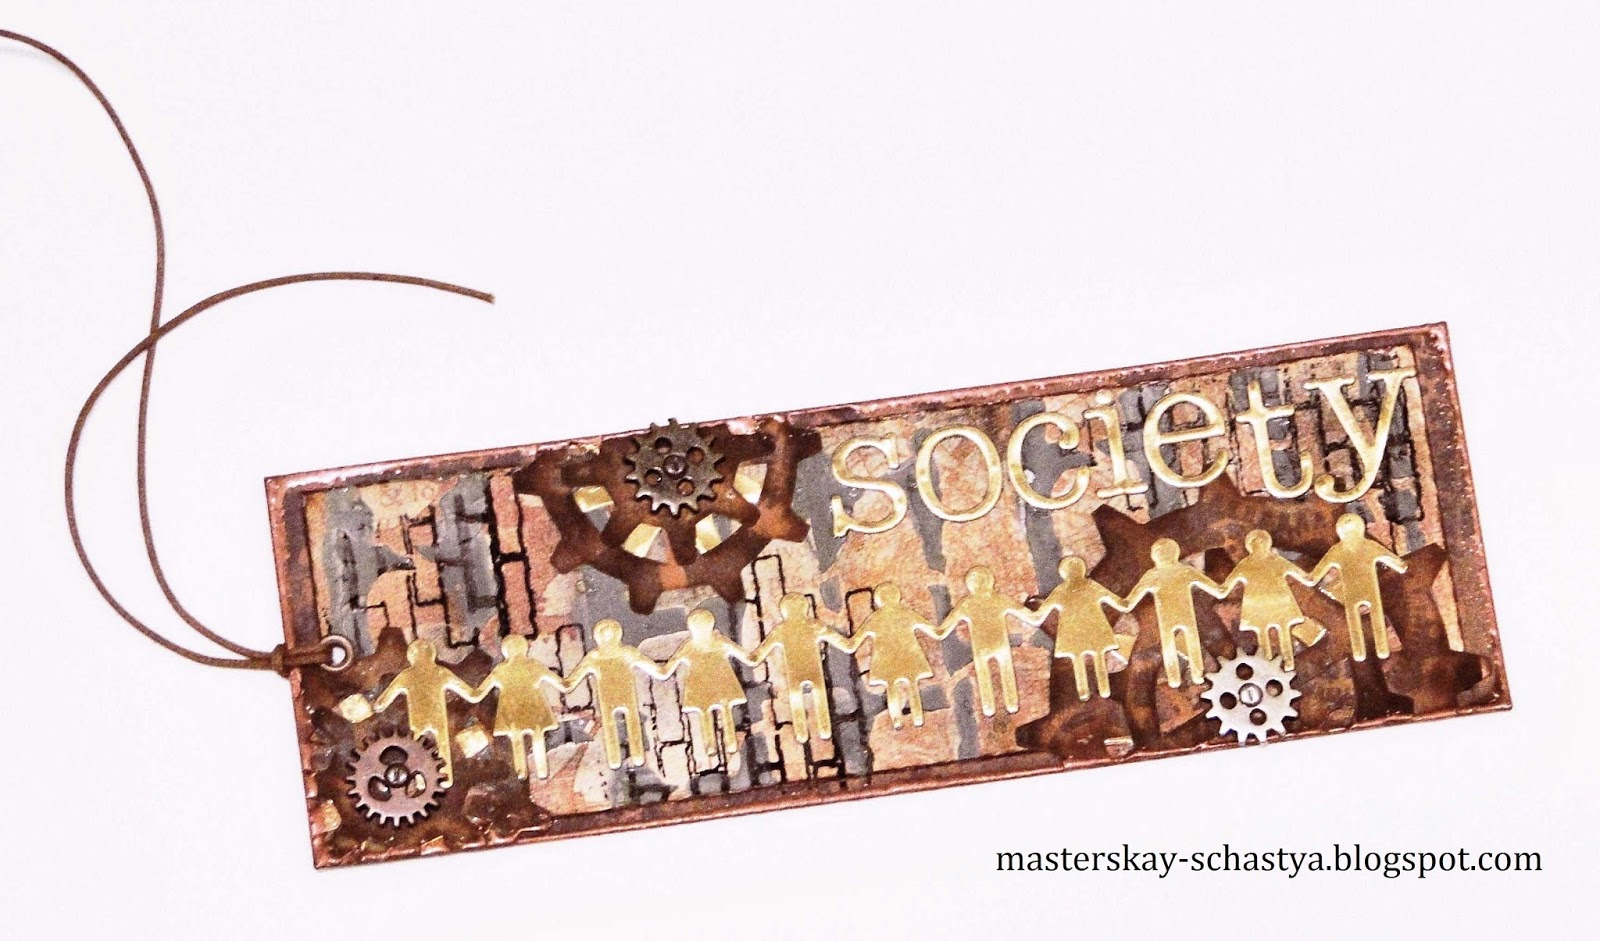 http://masterskay-schastya.blogspot.com/2014/08/blog-post_31.html